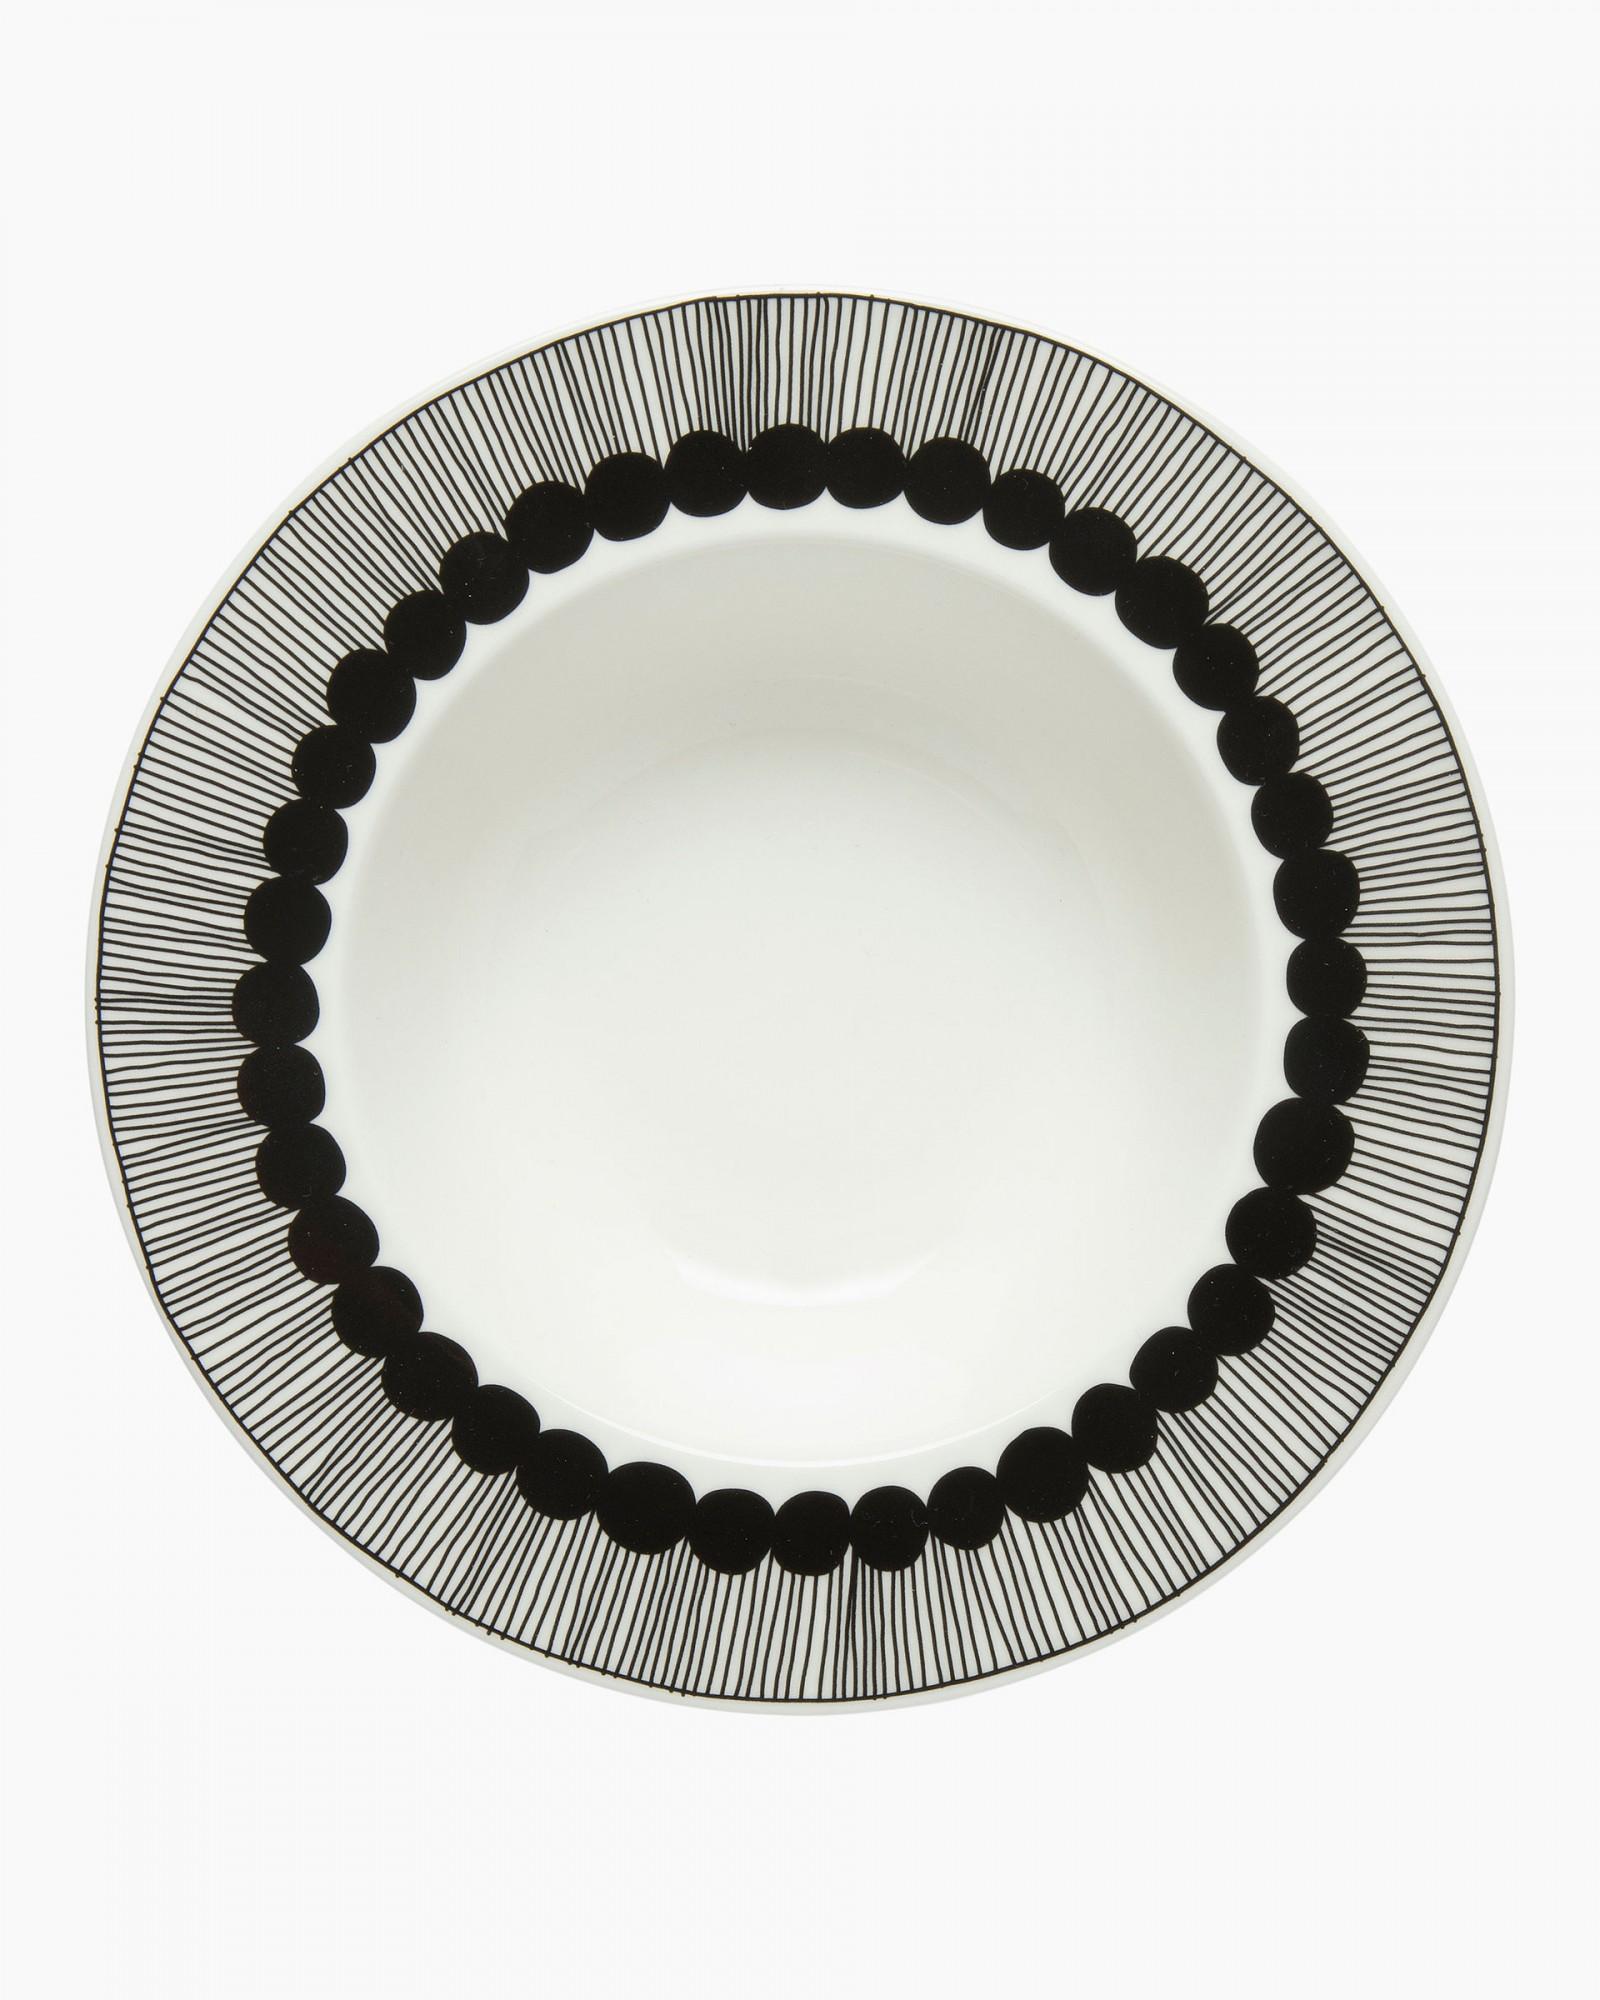 Marimekko Siirtolapuutarha Deep Plate White/Black